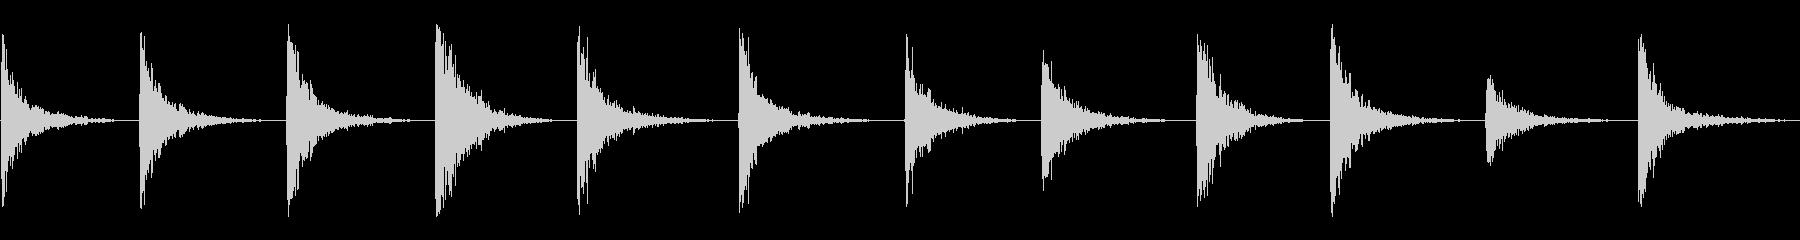 低ブーミーメタルヒットの未再生の波形